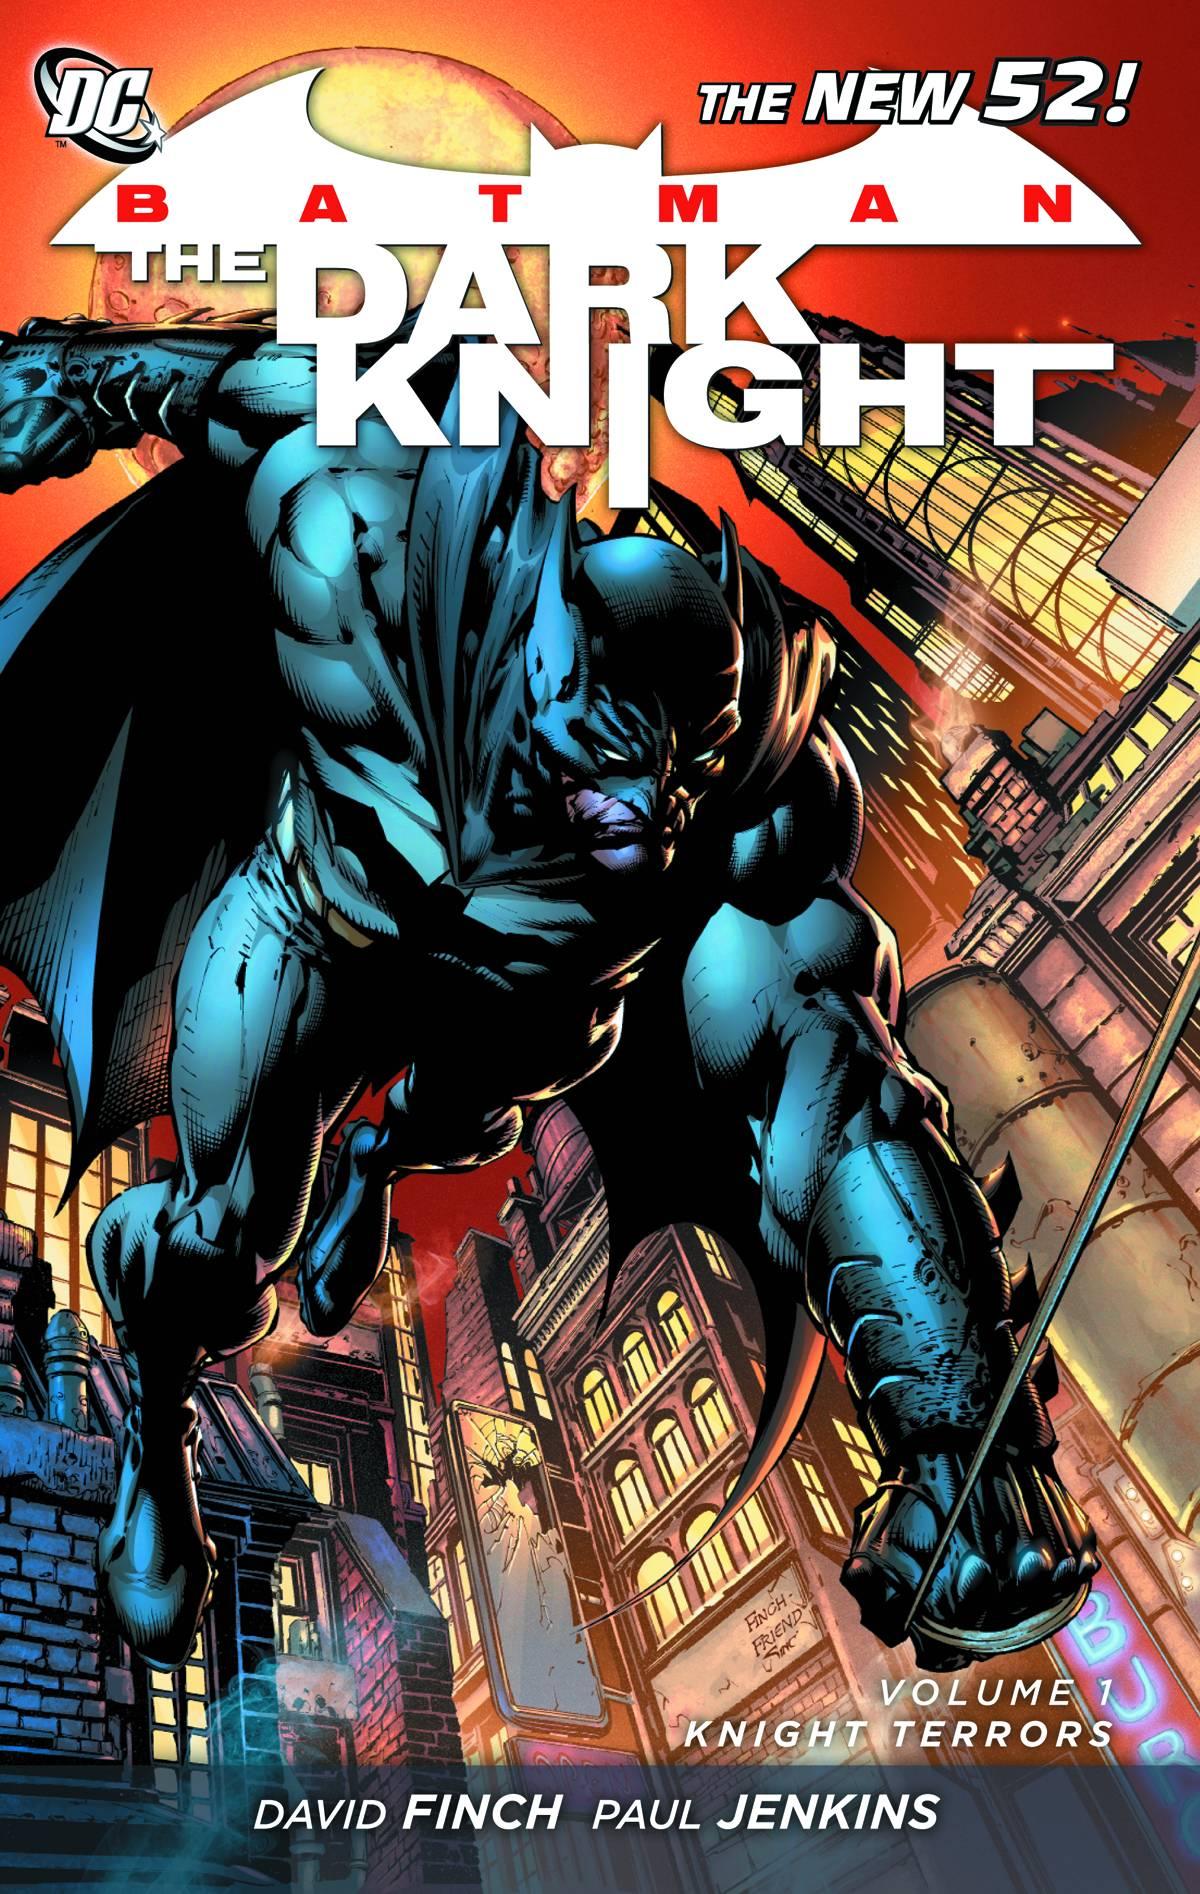 APR140257 - BATMAN DARK KNIGHT TP VOL 03 MAD (N52